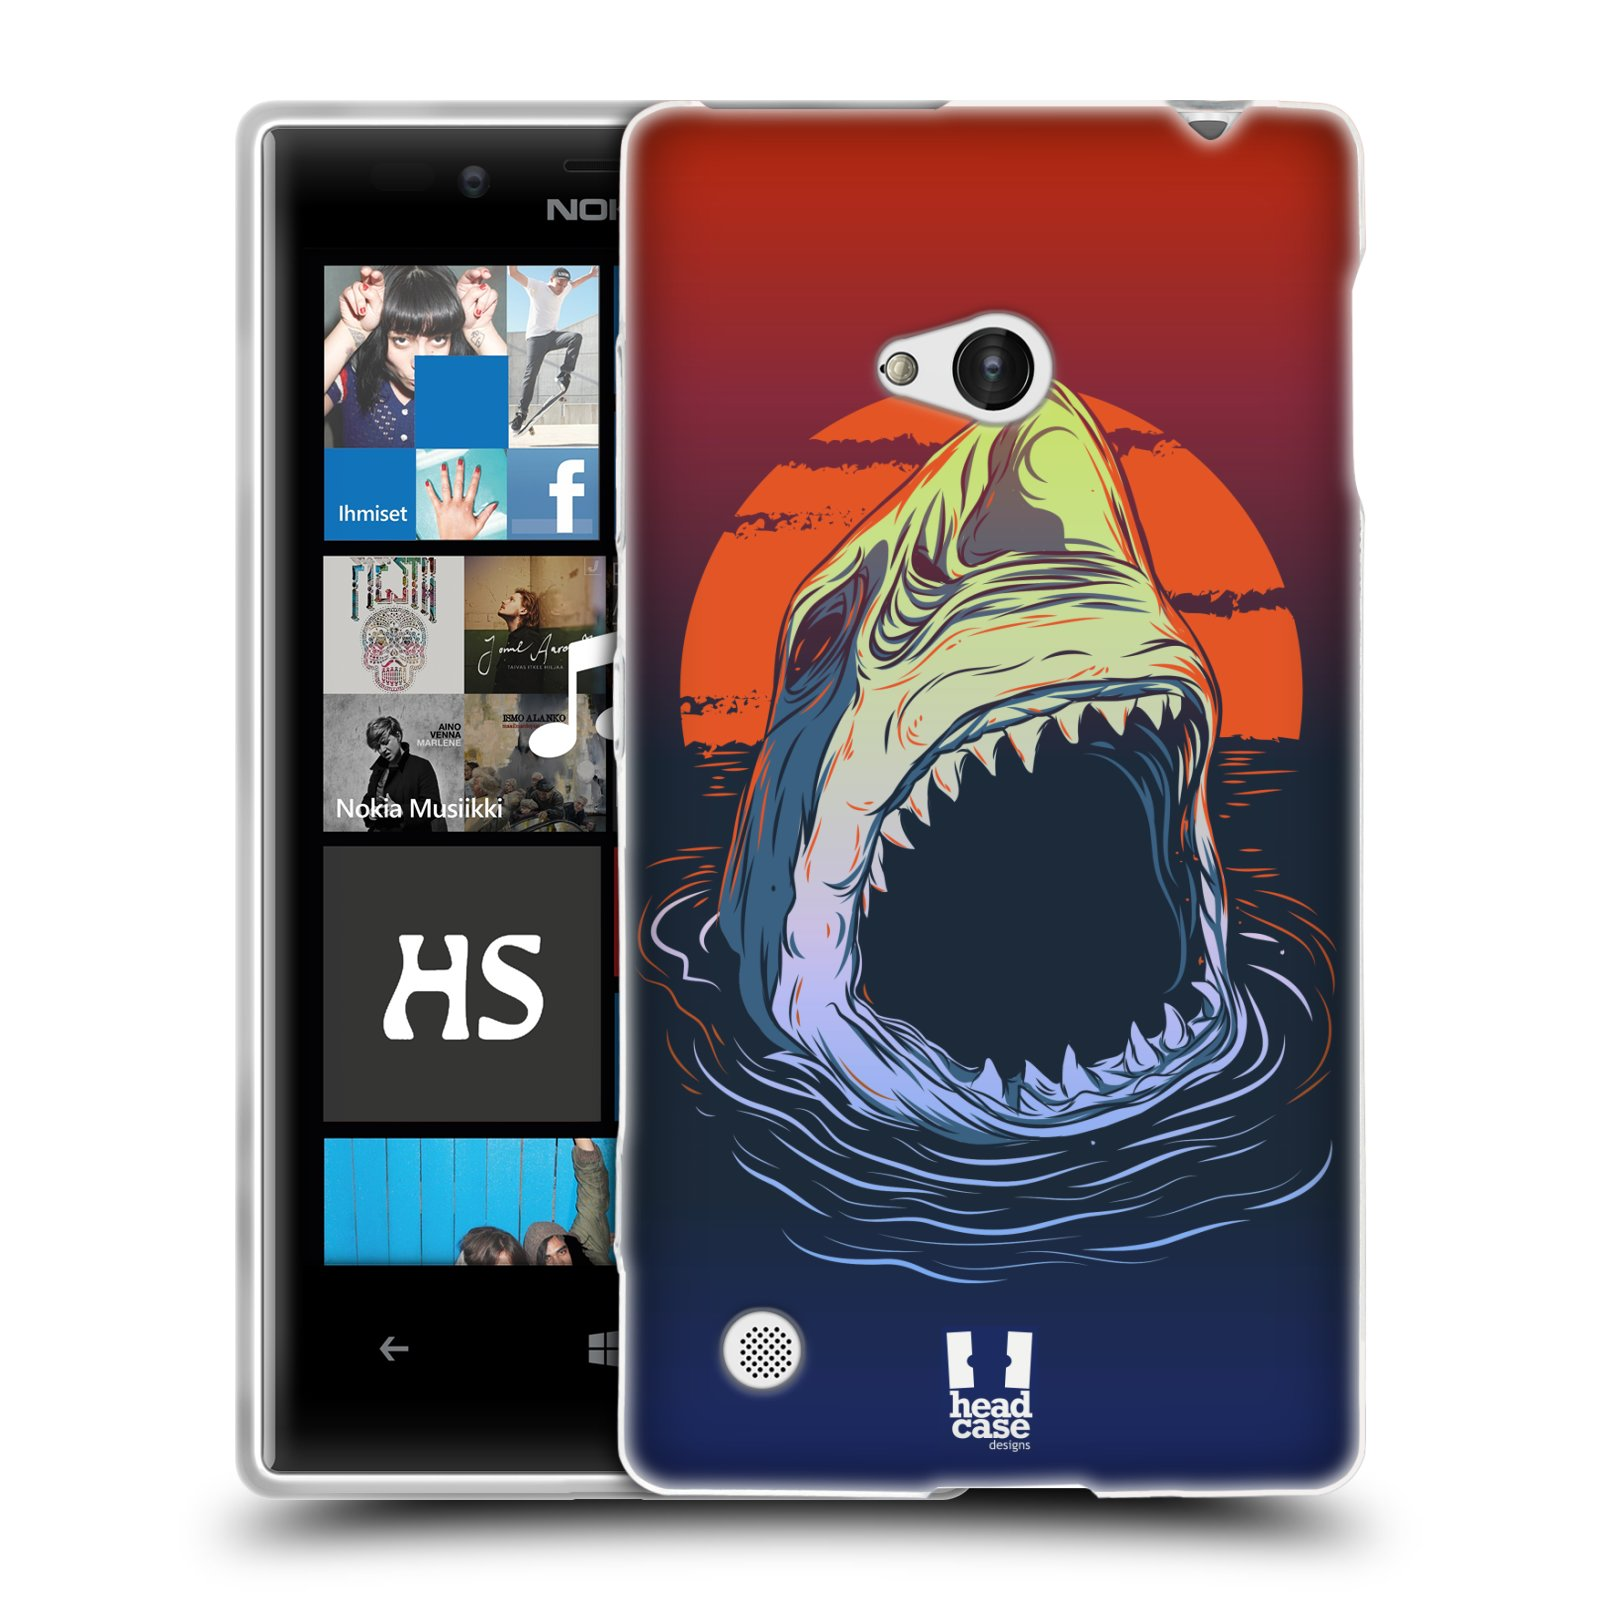 HEAD CASE silikonový obal na mobil NOKIA Lumia 720 vzor mořská monstra žralok